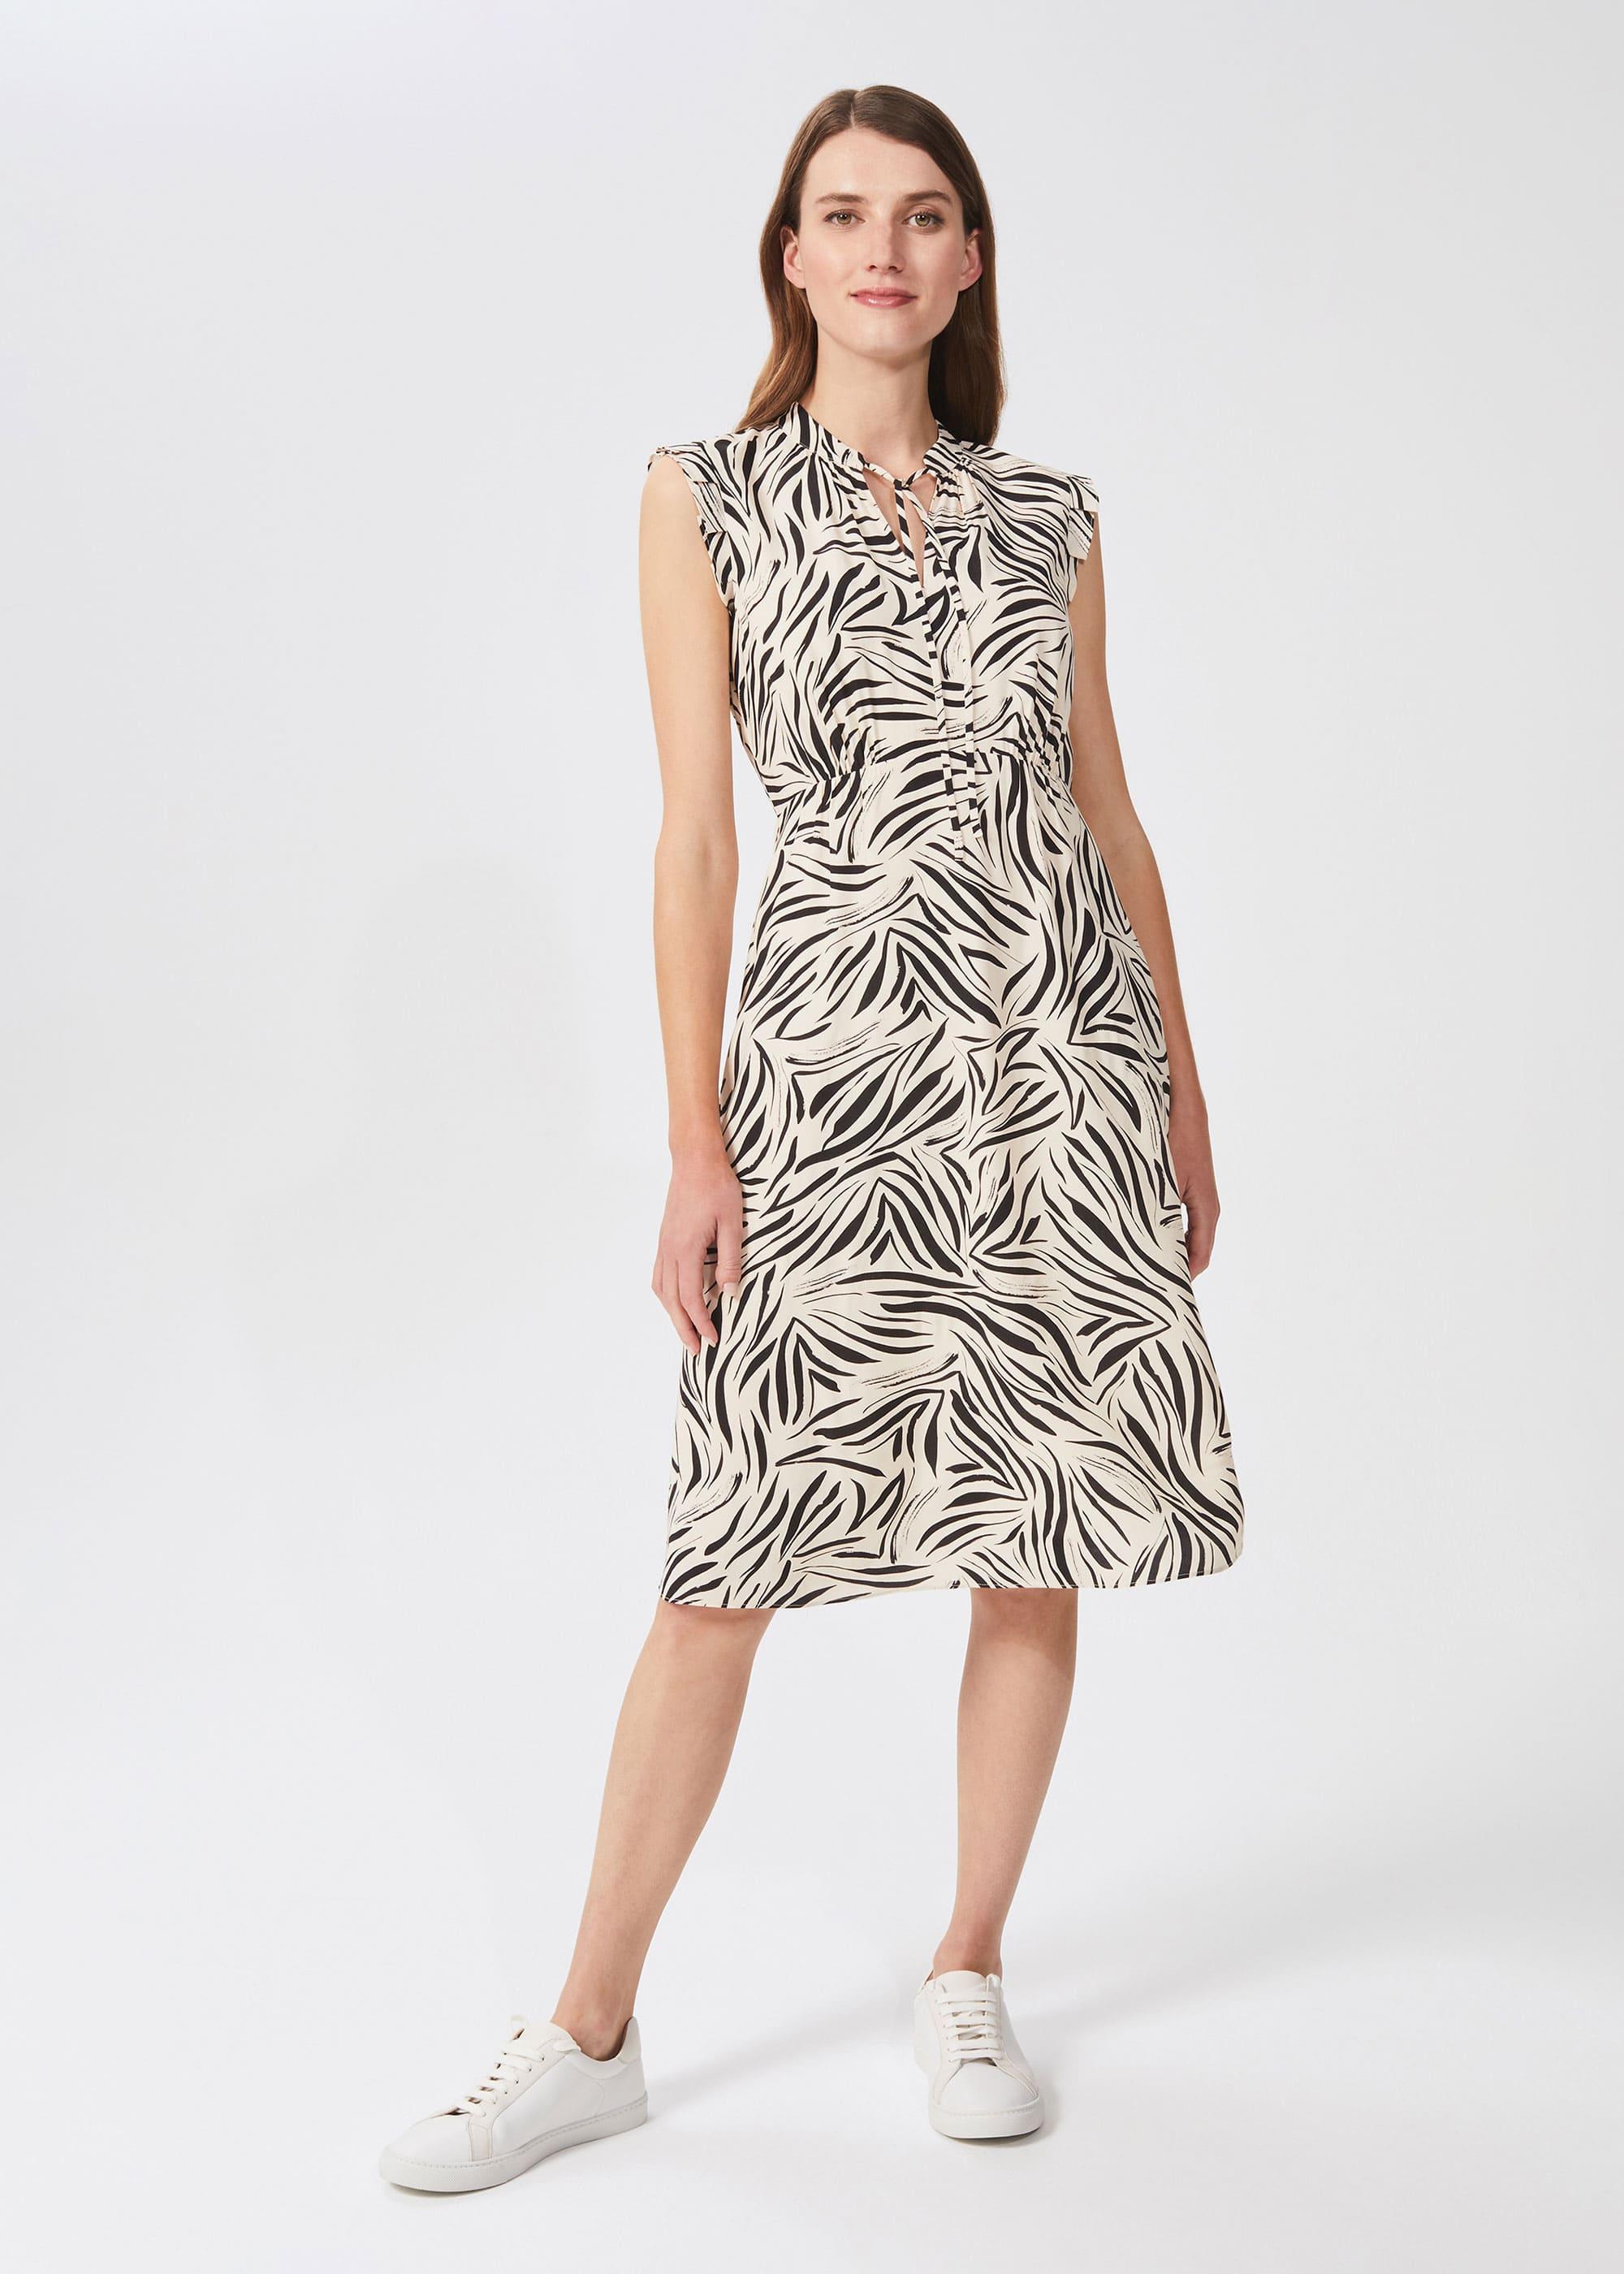 Hobbs Women Petite Evangeline Printed Dress